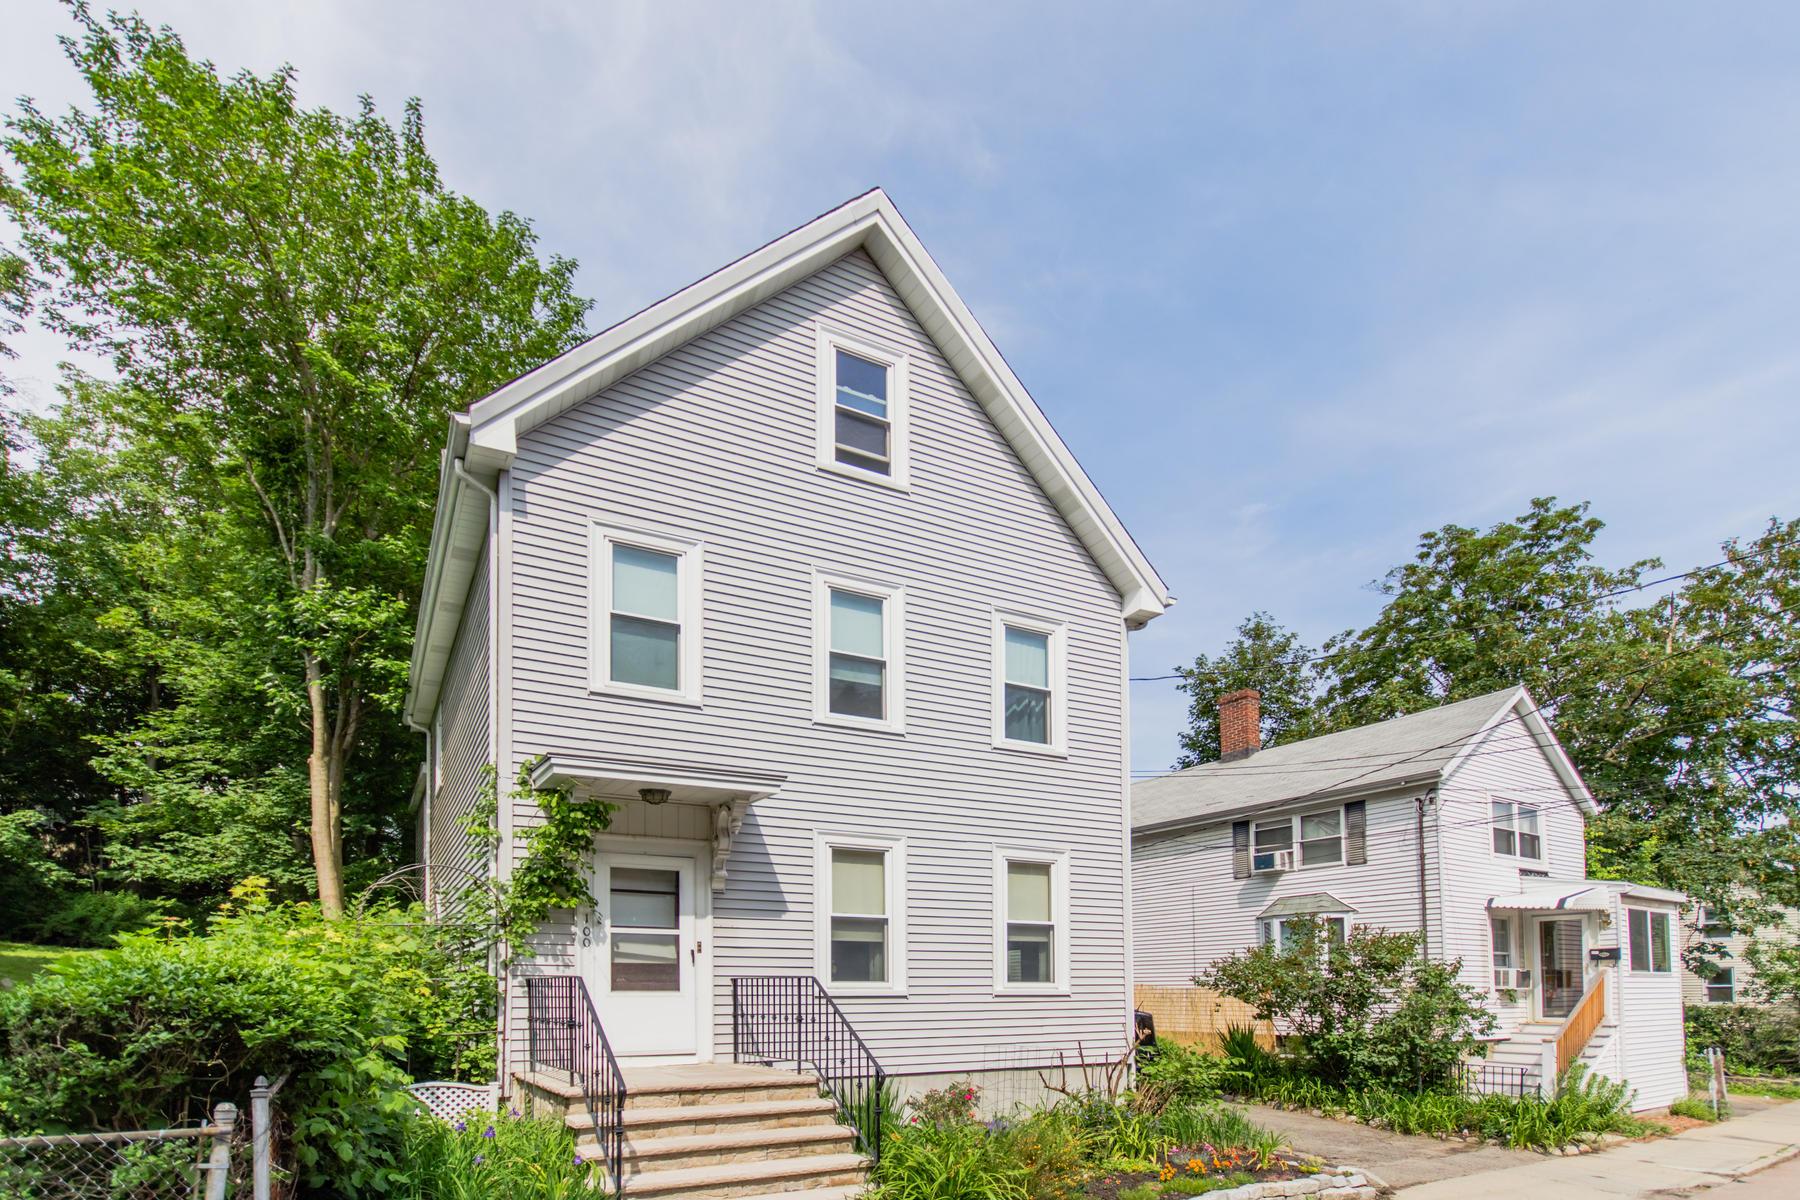 二世帯住宅 のために 売買 アット 100 Jamaica, Boston 100 Jamaica St Jamaica Plain, Boston, マサチューセッツ, 02130 アメリカ合衆国